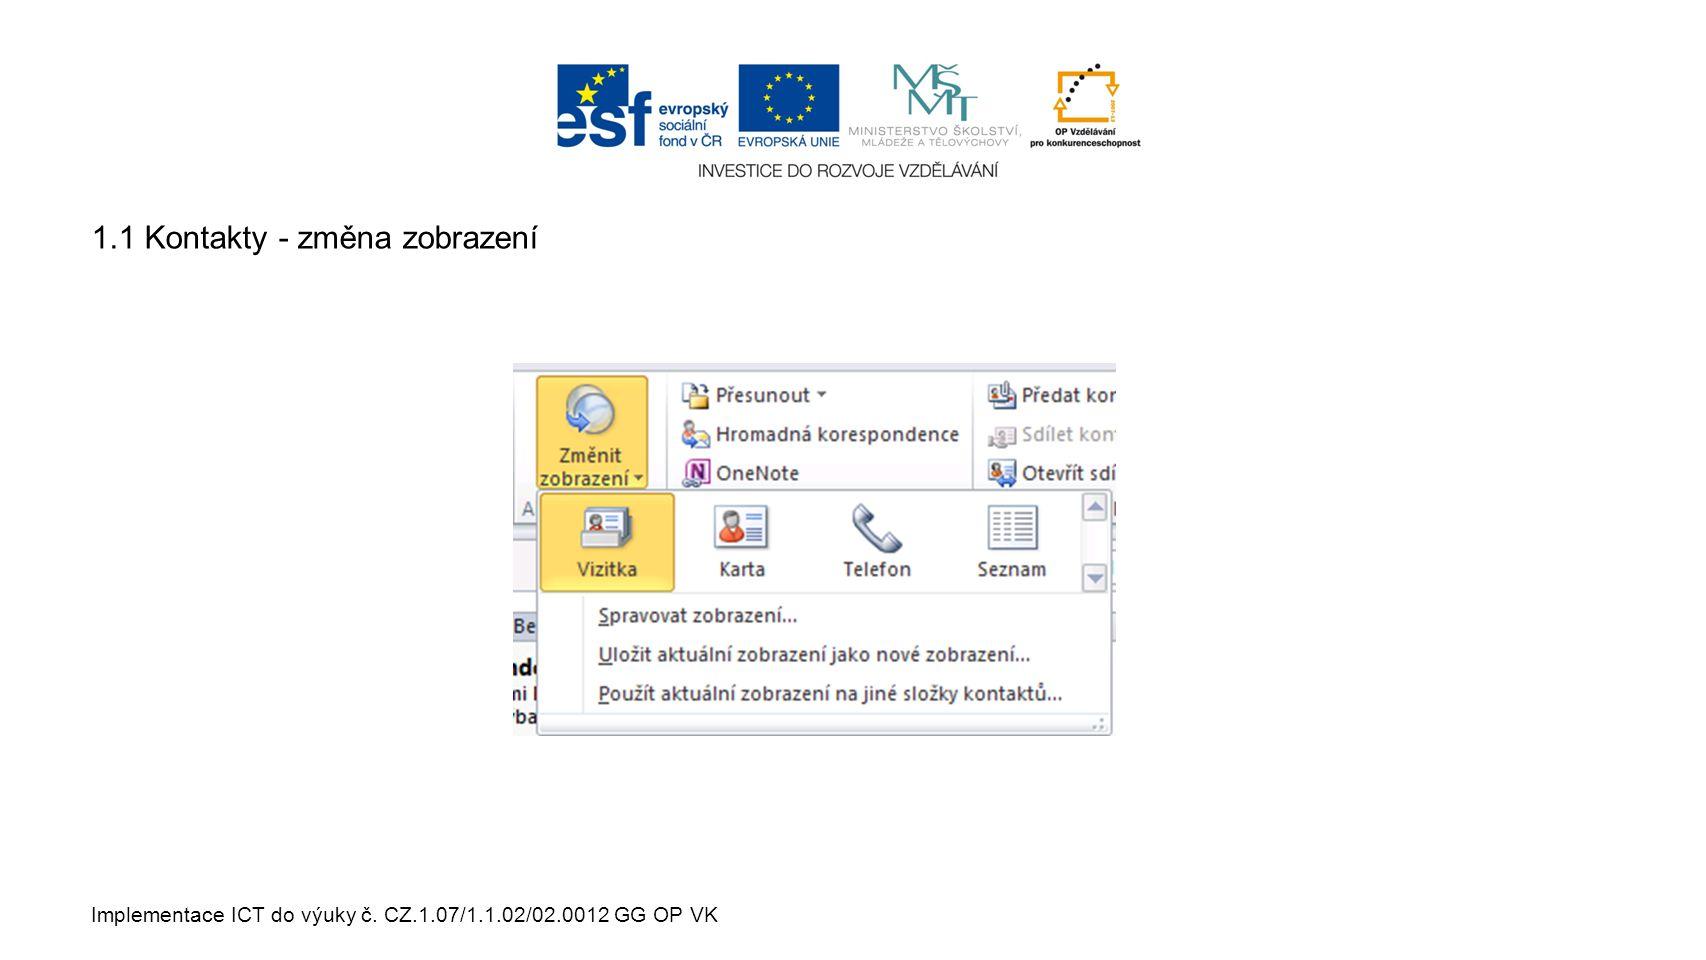 Implementace ICT do výuky č. CZ.1.07/1.1.02/02.0012 GG OP VK 1.1 Kontakty - změna zobrazení